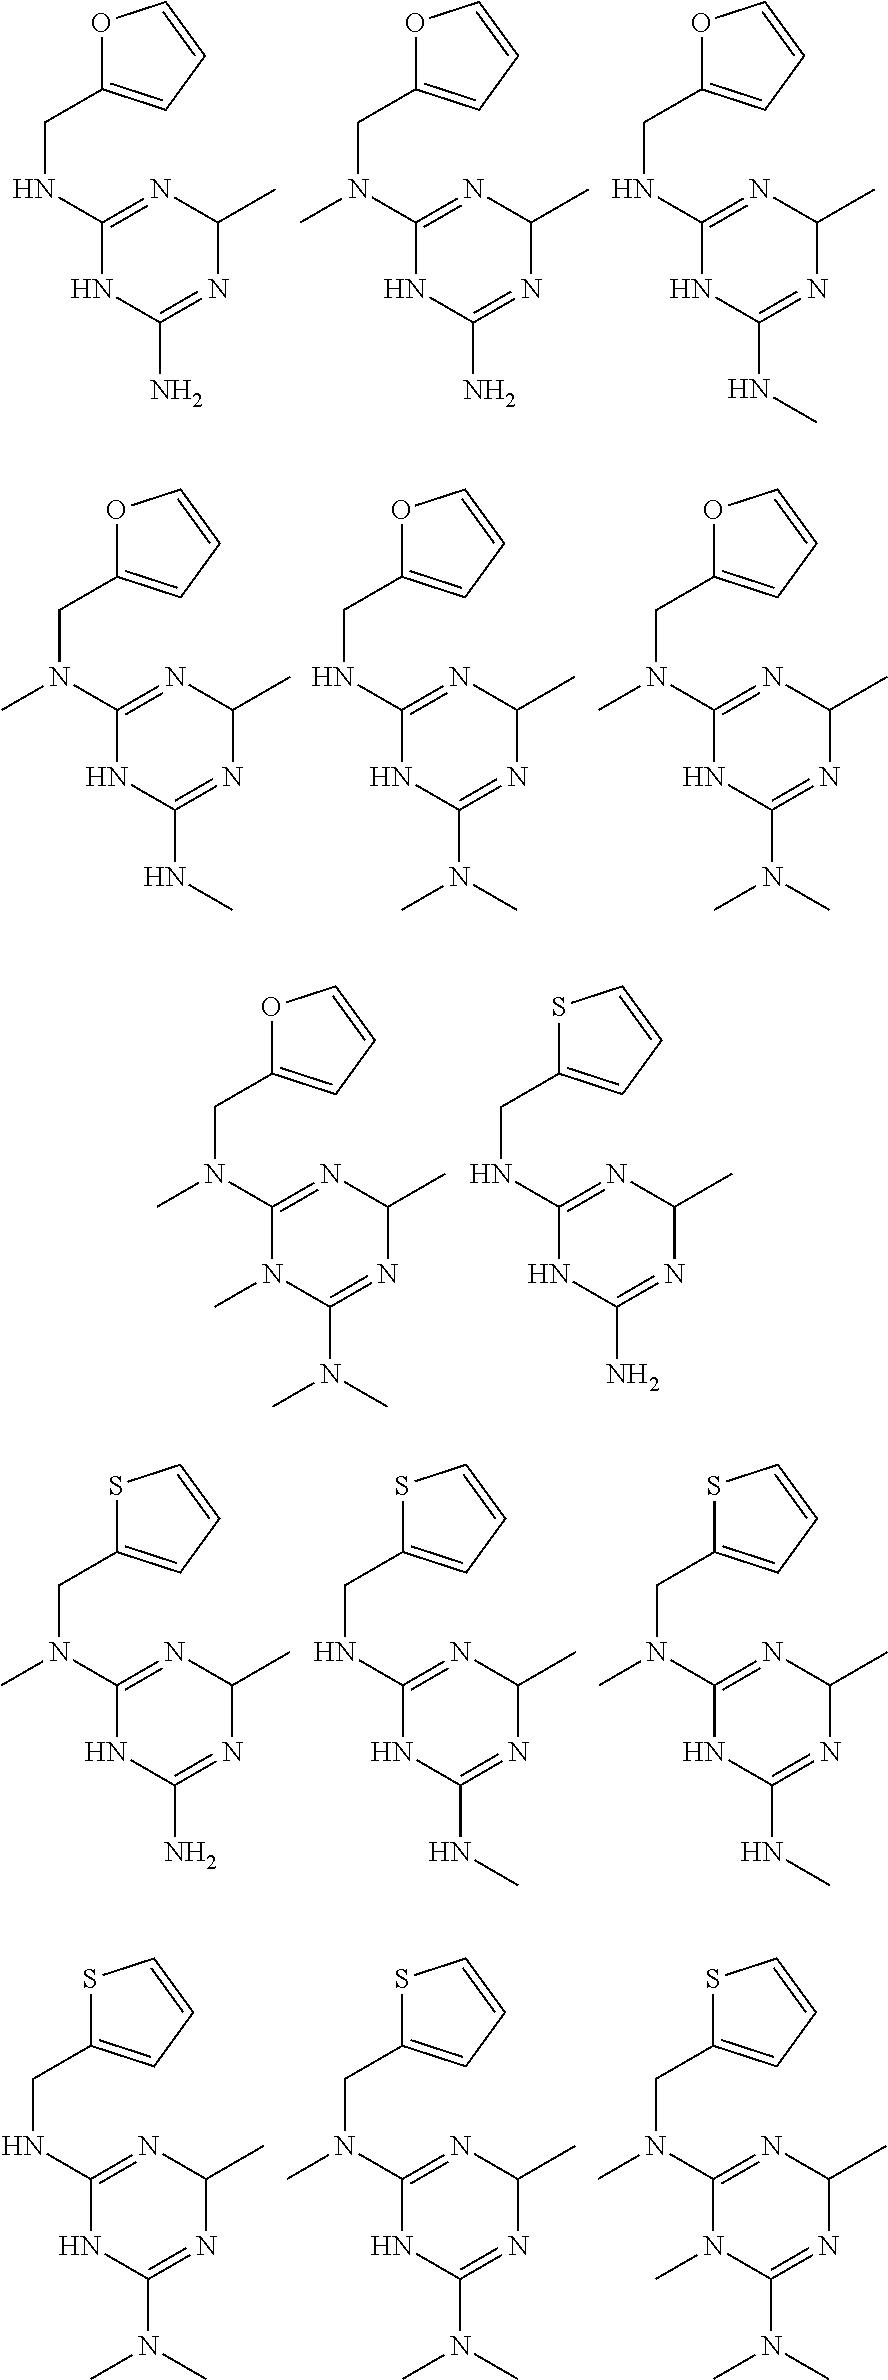 Figure US09480663-20161101-C00193